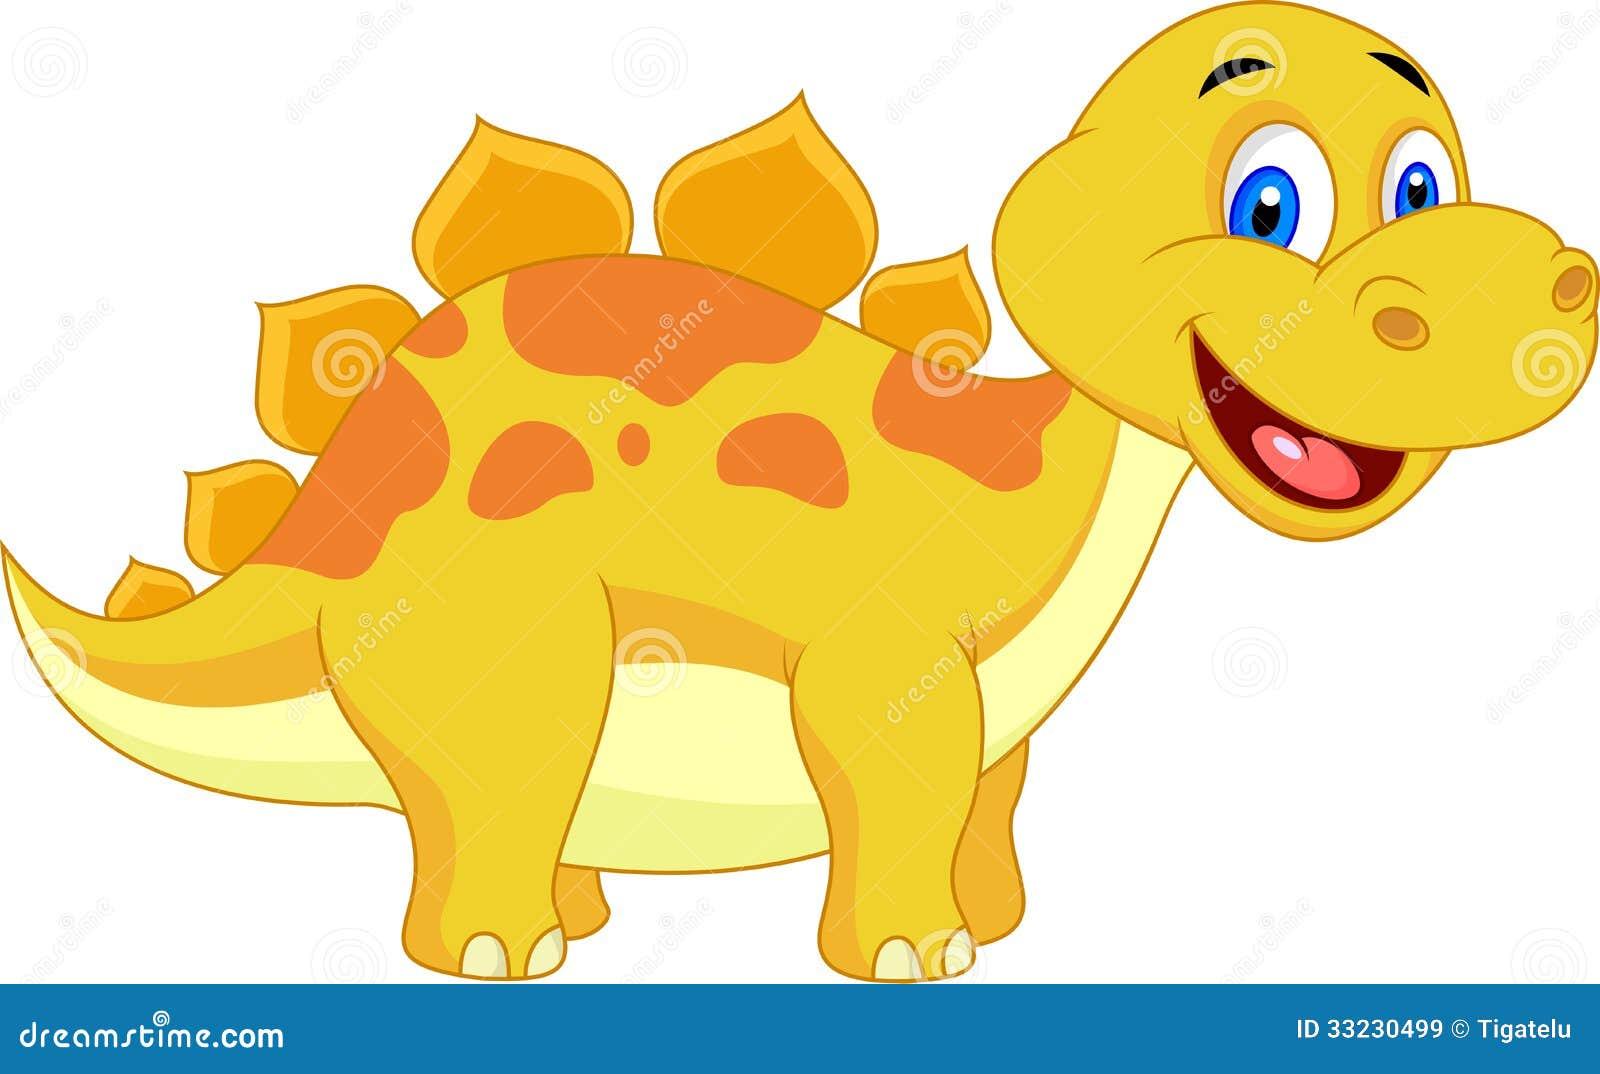 cute dinosaur cartoon stock vector illustration of funny cute dinosaur clip art free cute dinosaur clip art free